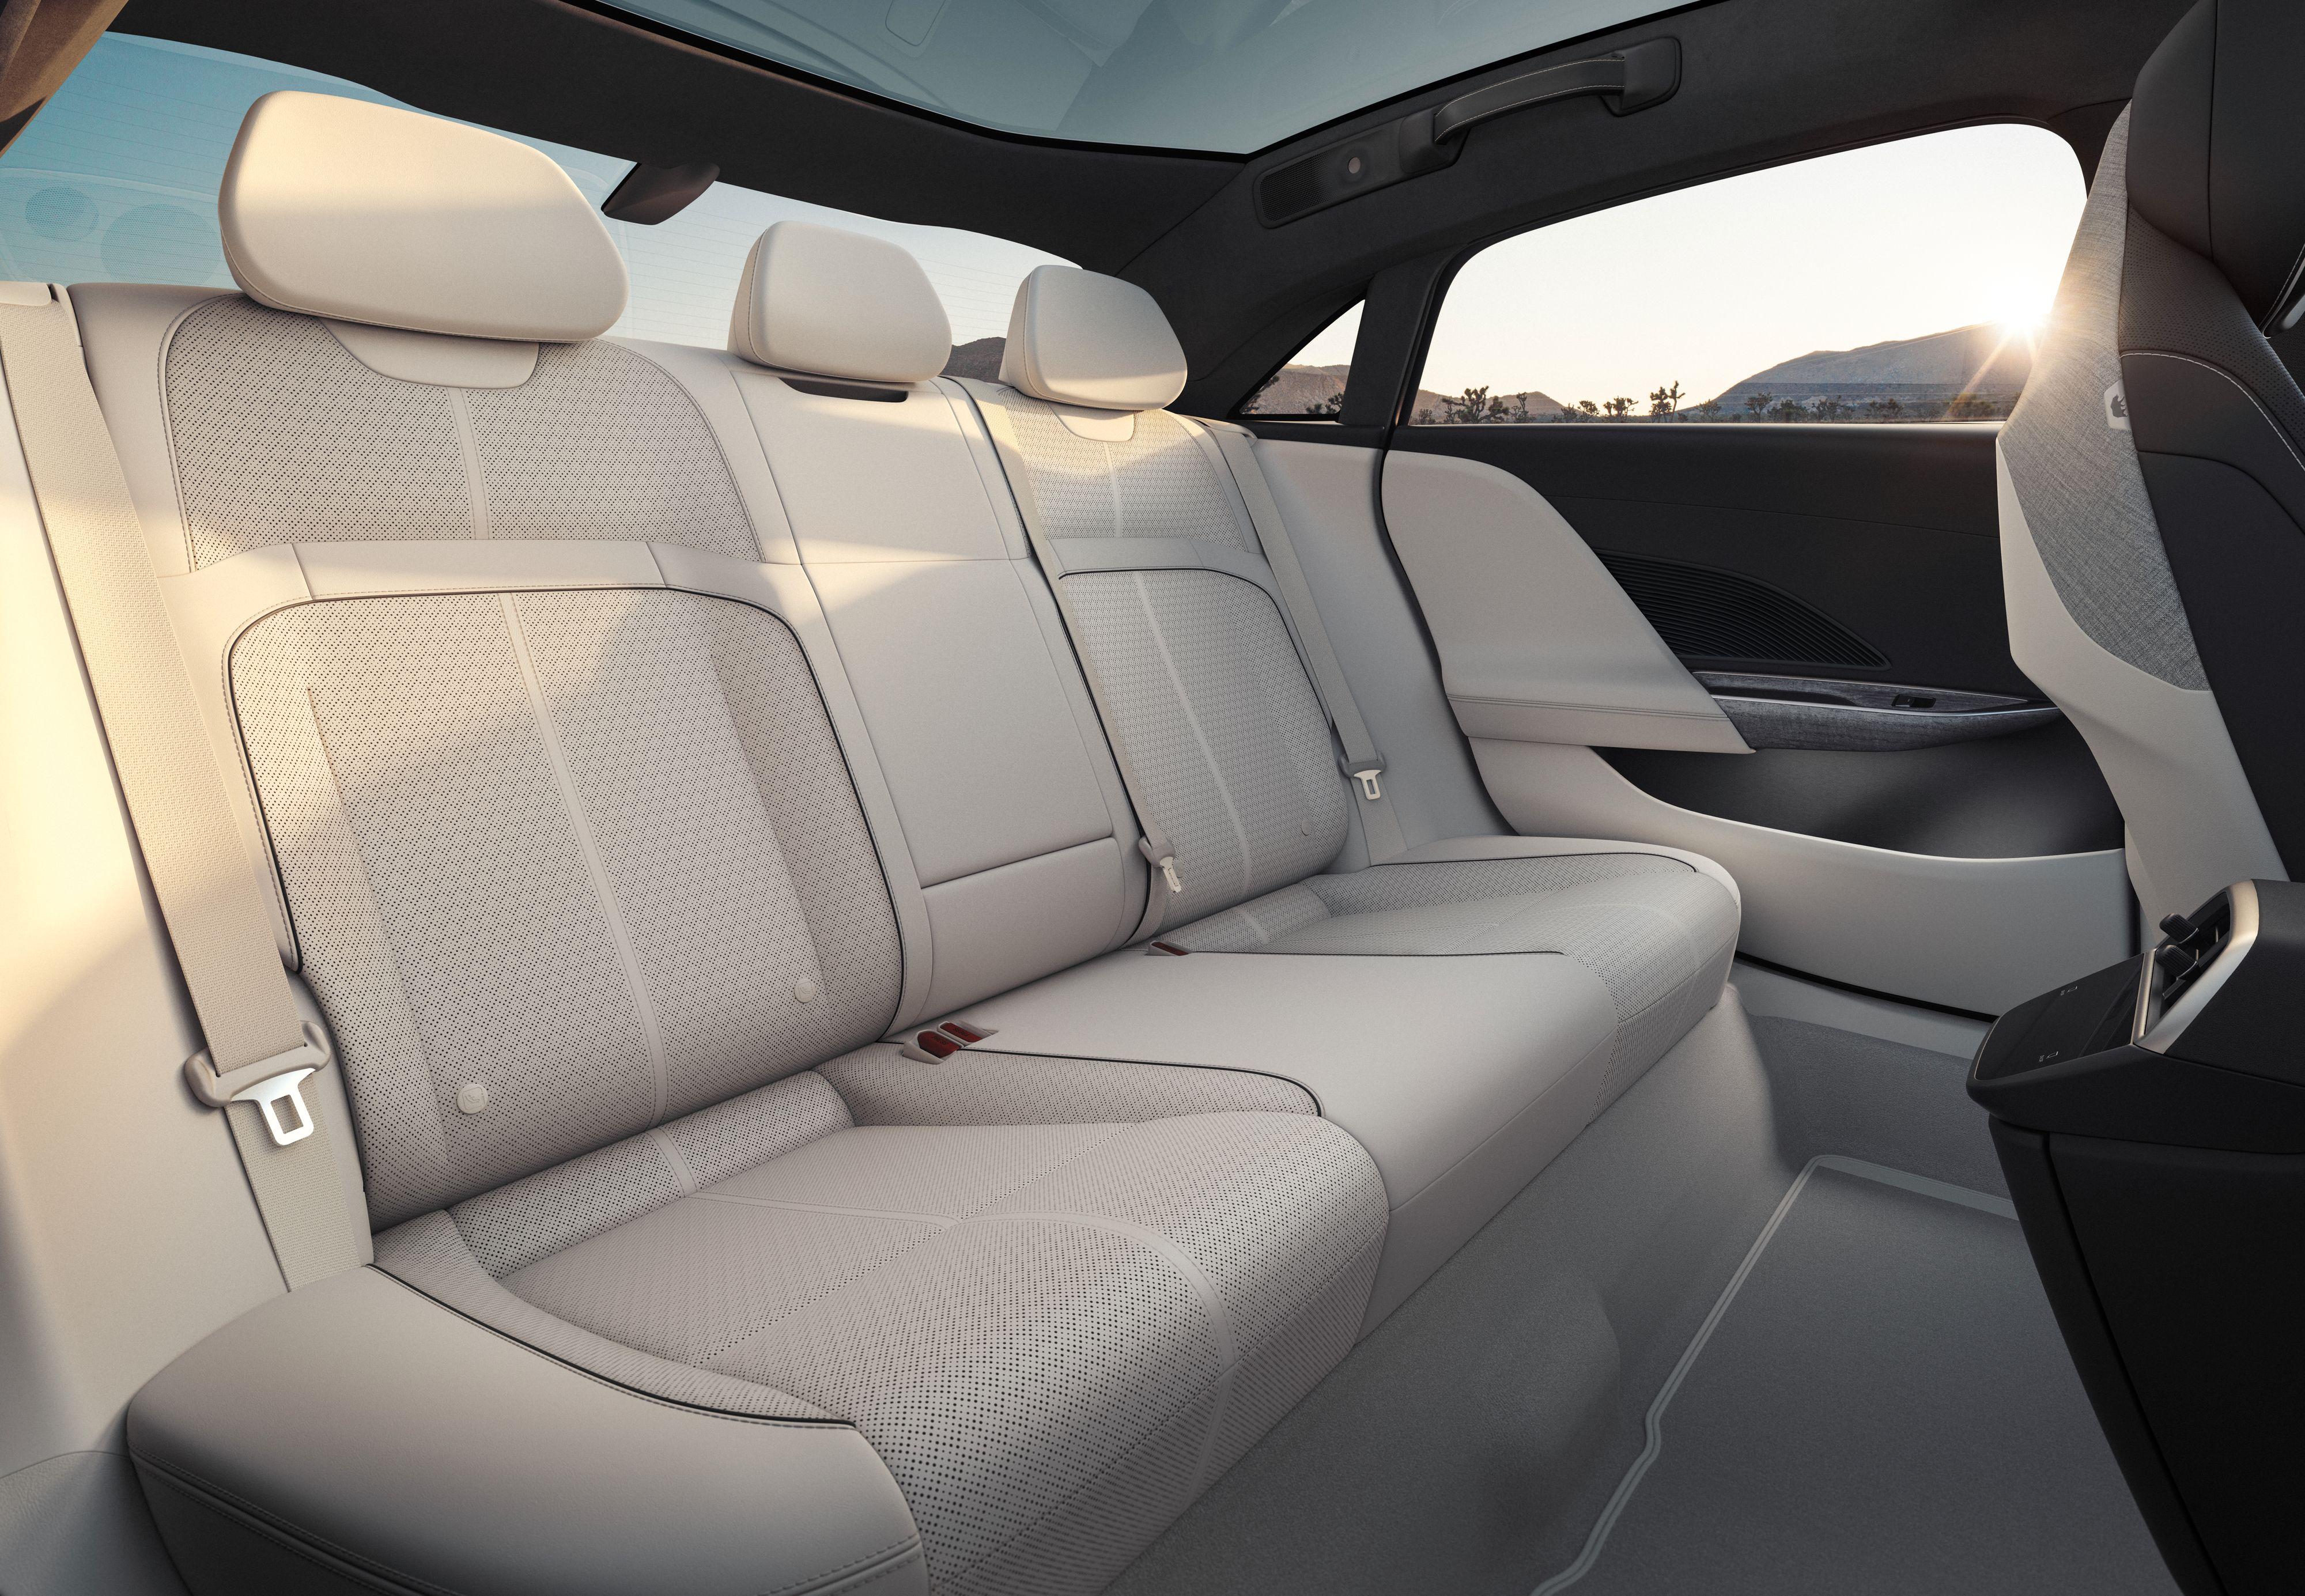 Uovertruffen innvendig plass til en bil av denne størrelsen, er budskapet fra Lucid - i tillegg til de heftige spesifikasjonene.